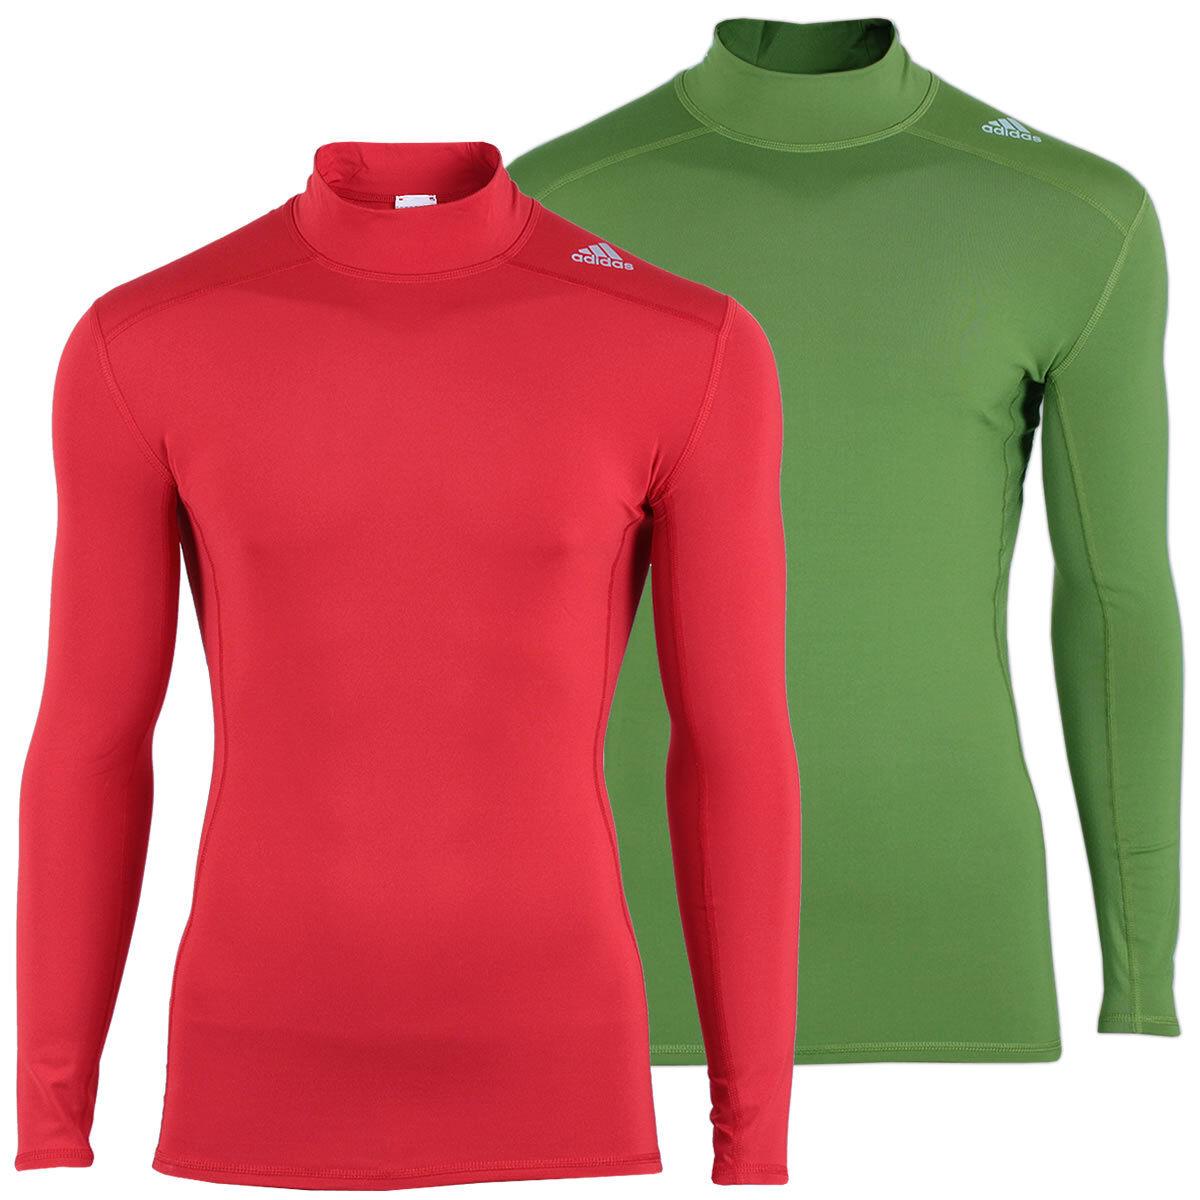 Adidas Herren Techfit Base Langarm Shirt Sportunterhemd Fußball Laufen Fitness  | Erste Gruppe von Kunden